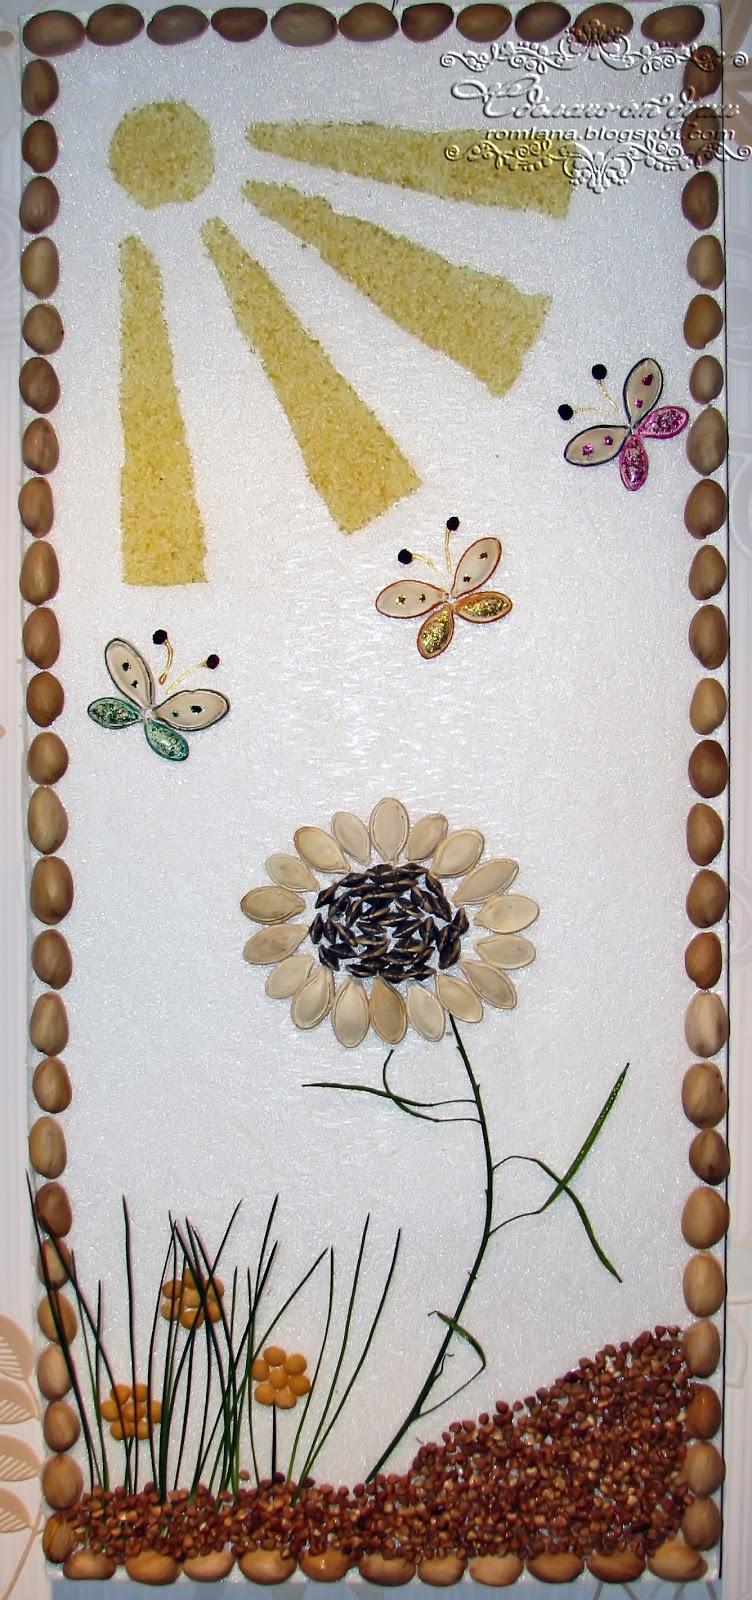 Аппликации и поделки из семян и круп 90 фотографий - Pinterest 74